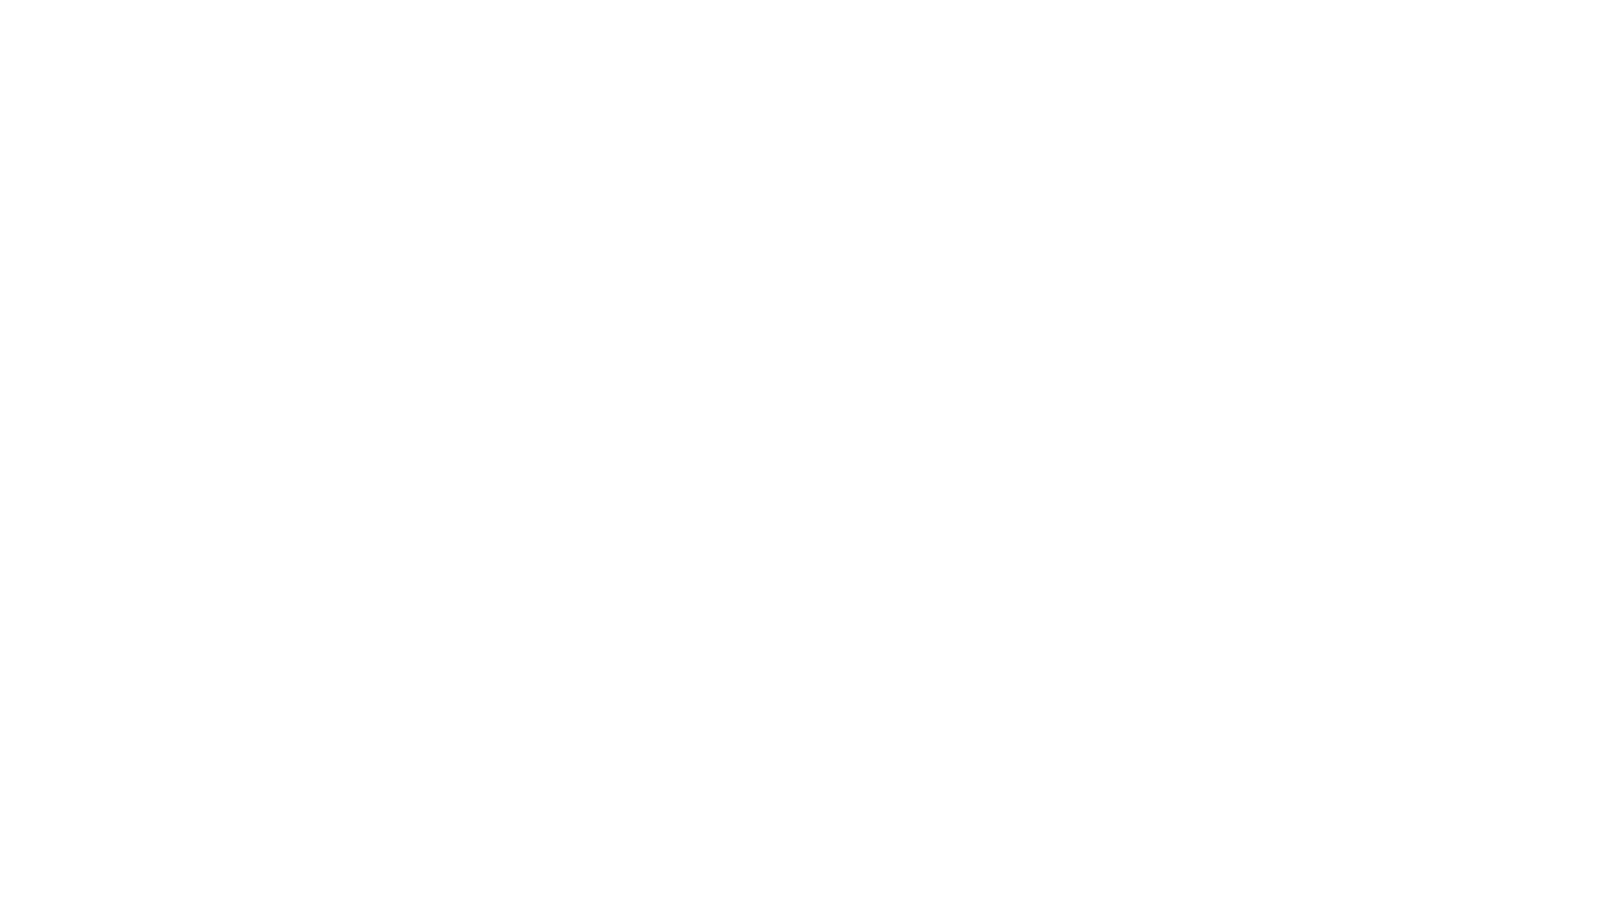 Este libro reúne testimonios, ensayos literarios, fotografías, material documental y piezas facsimilares que reconstruyen la historia emocional del Movimiento Kloaka, grupo de escritores y artistas de los años ochenta que, en medio de la subversión y la violencia política en Perú, apostó por una revolución ética y estética. A casi cuarenta años de su fundación, el volumen explora el nacimiento y desarrollo del Movimiento —«el cometa más brillante que pasó por los cielos de la poesía peruana»—, aquilata su importancia y profundiza en la relación entre este colectivo y la movida del rock subterráneo peruano, revelando los vasos comunicantes que los hermanaron como las principales propuestas contraculturales peruanas de su tiempo.  Disponible en las principales librerías y en https://pesopluma.net/tienda/kloaka-y-los-subterraneos-el-instinto-de-vivir/  Autor: Roger Santiváñez Serie: Pensamiento / Ensayo literario 288 páginas   14.5 cm. x 21 cm.   Tapa rústica con solapas 1ª edición: 2021   ISBN: 978-612-4416-25-5